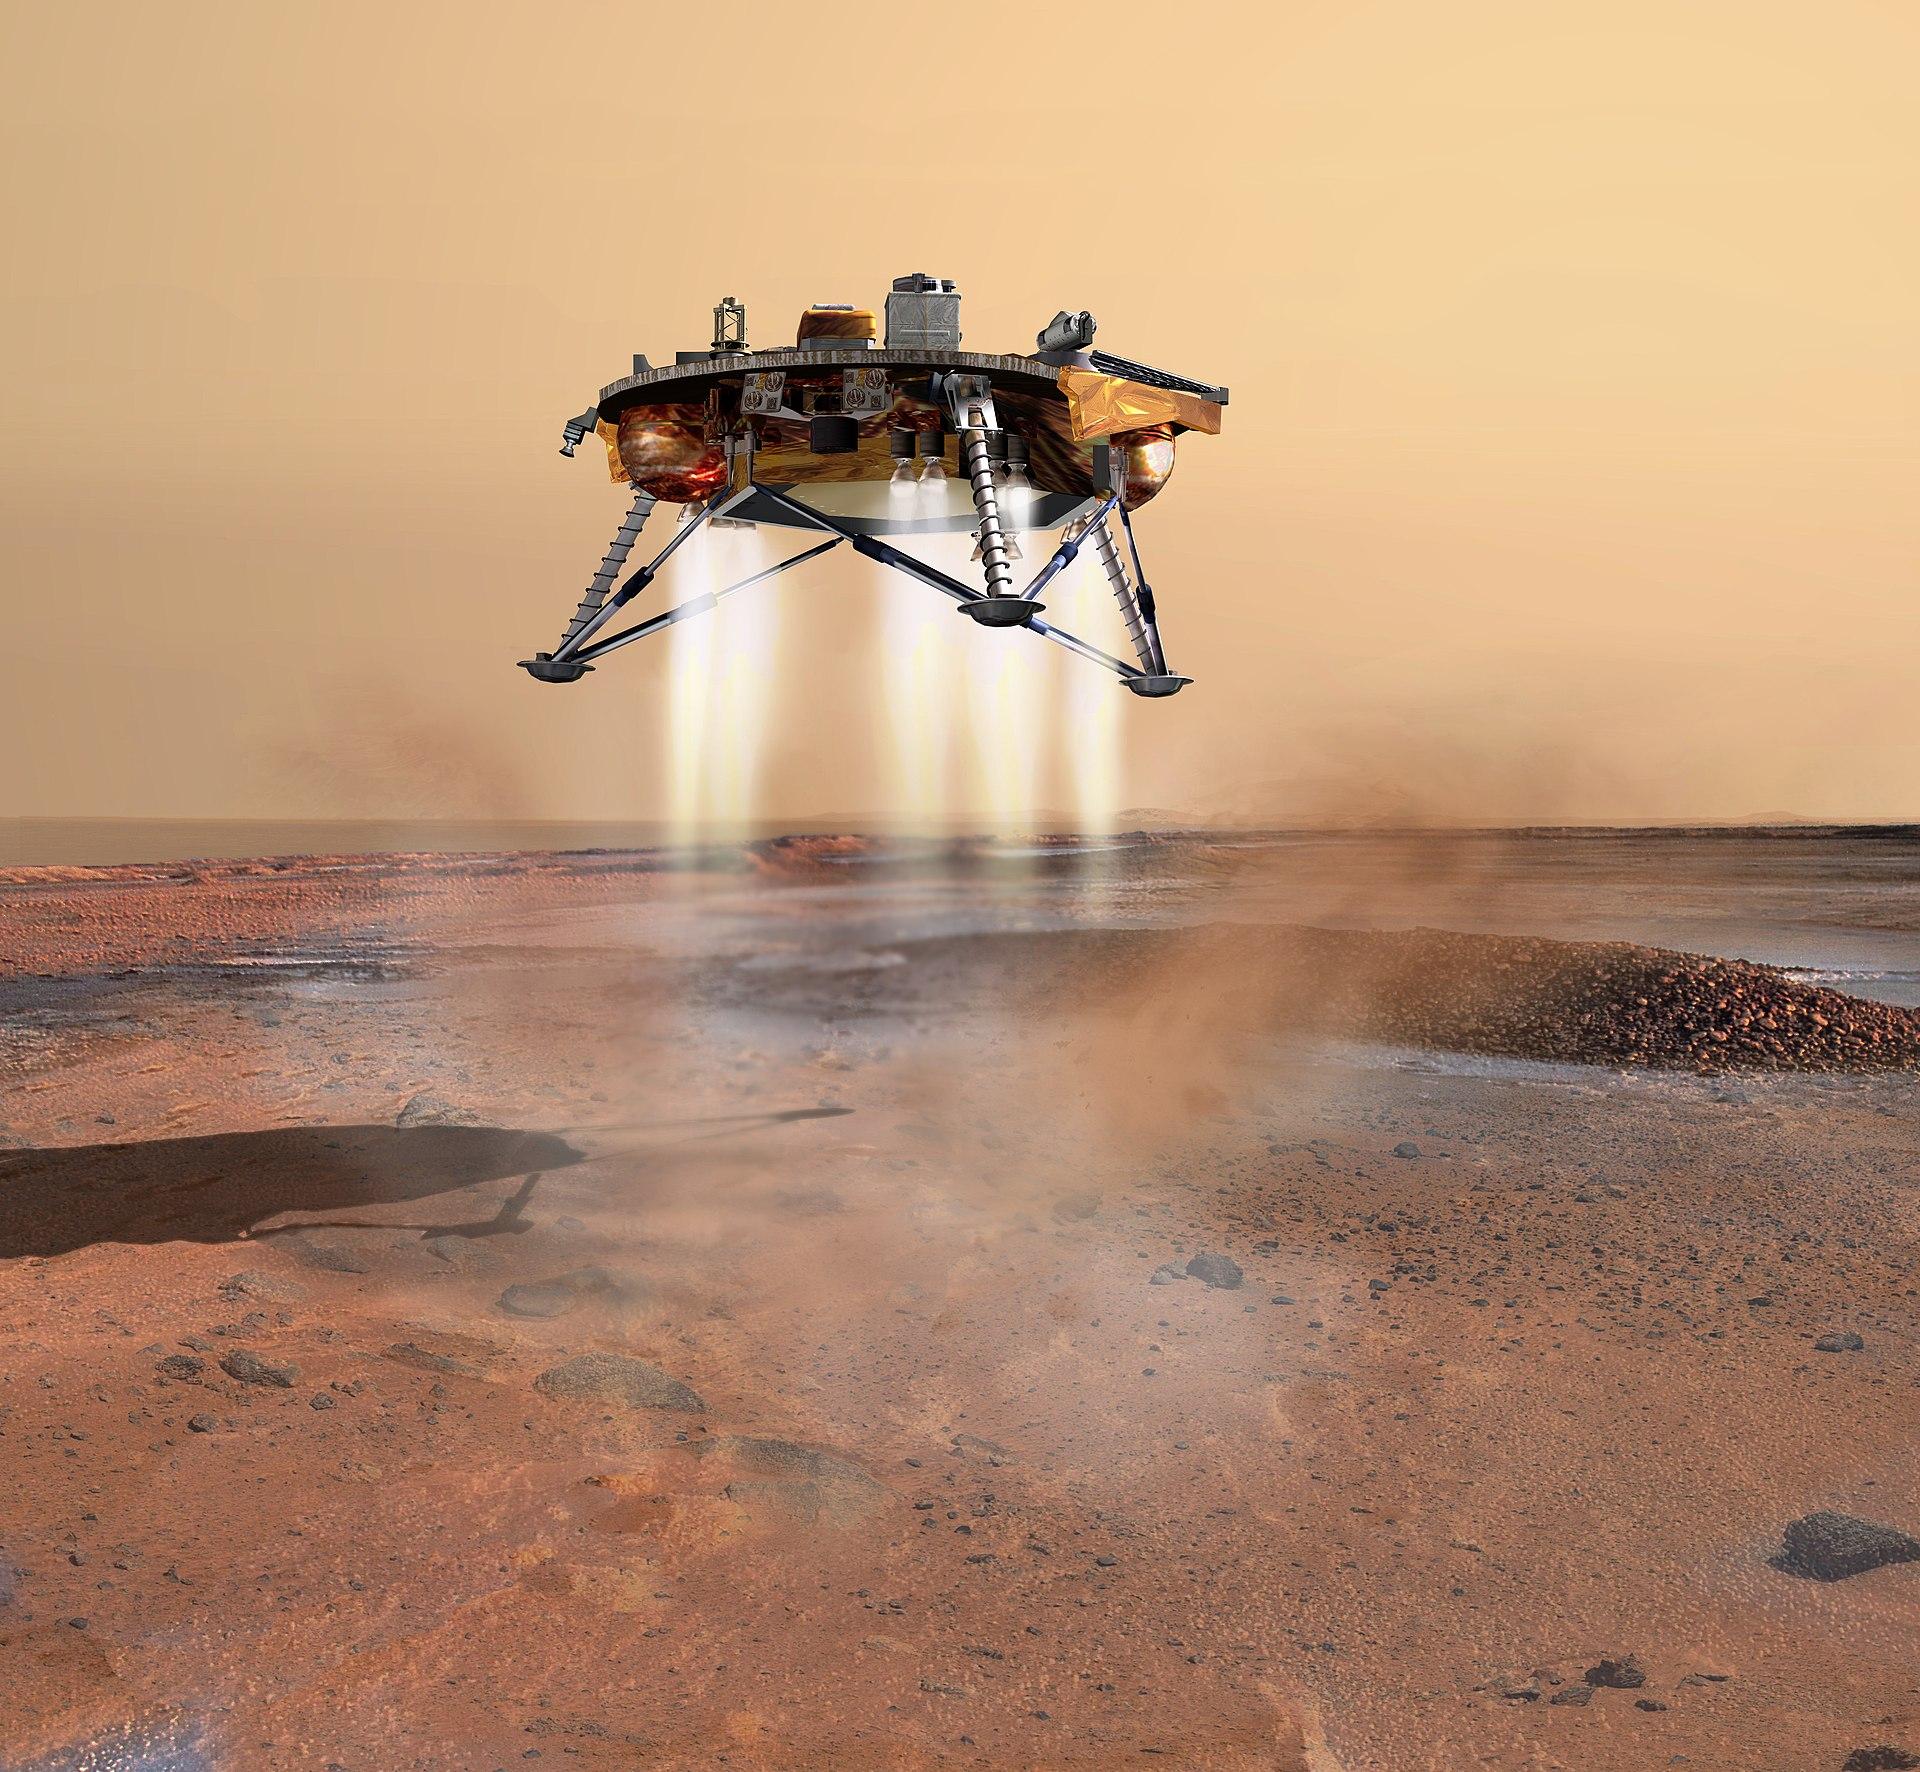 spacecraft or spacecrafts - photo #30